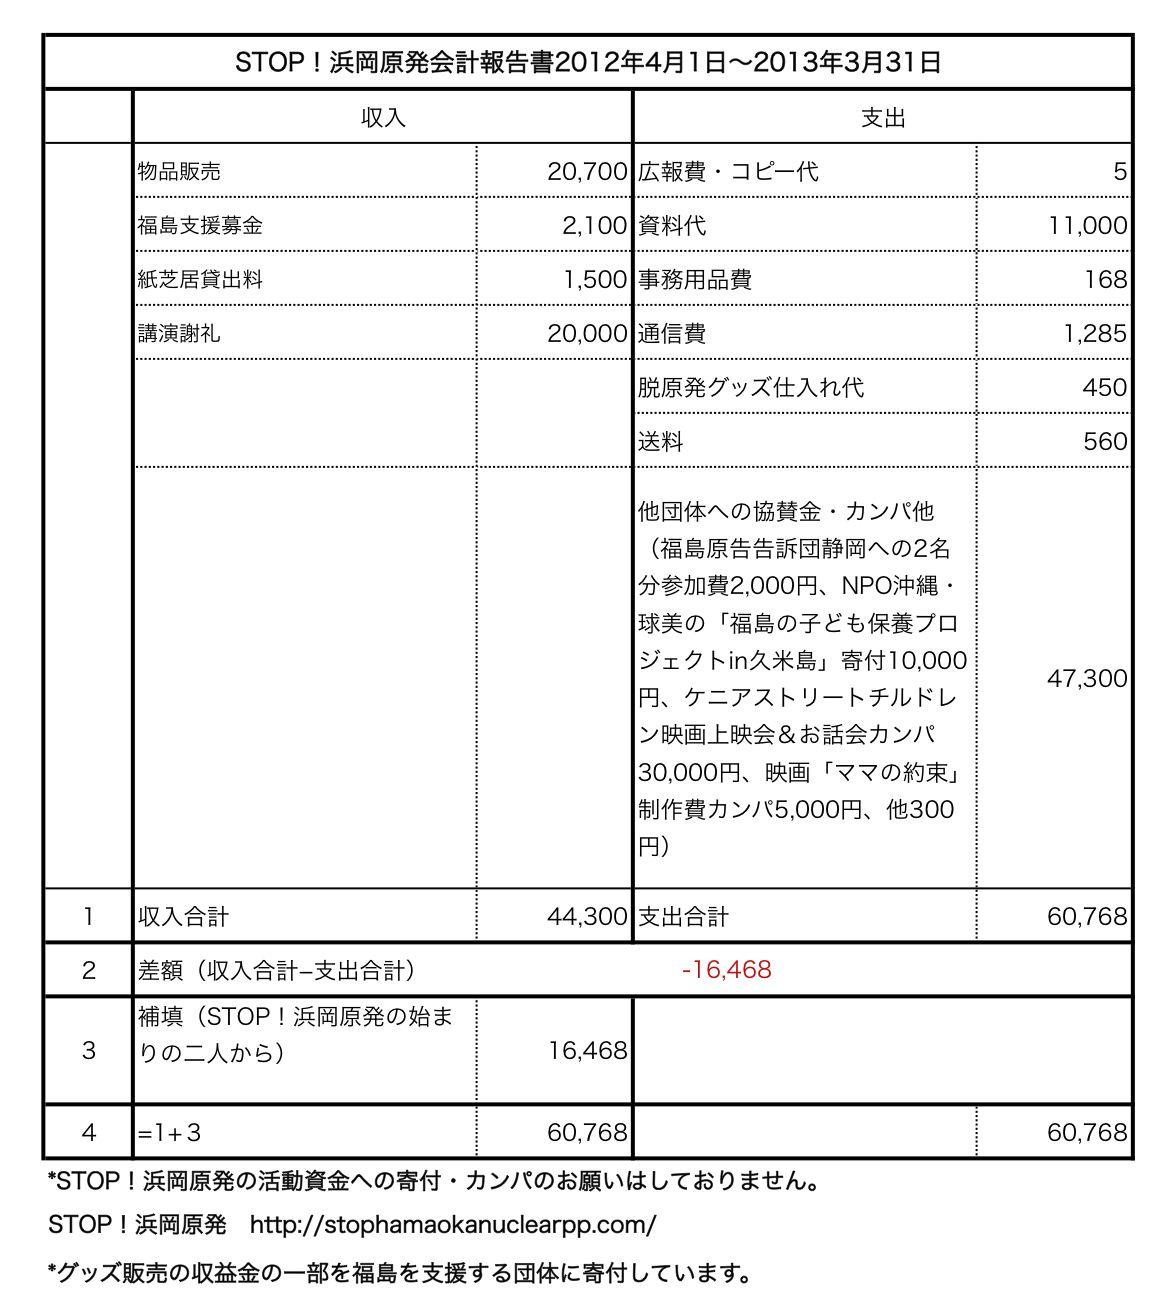 会計報告2012.4.1-2013.3.31